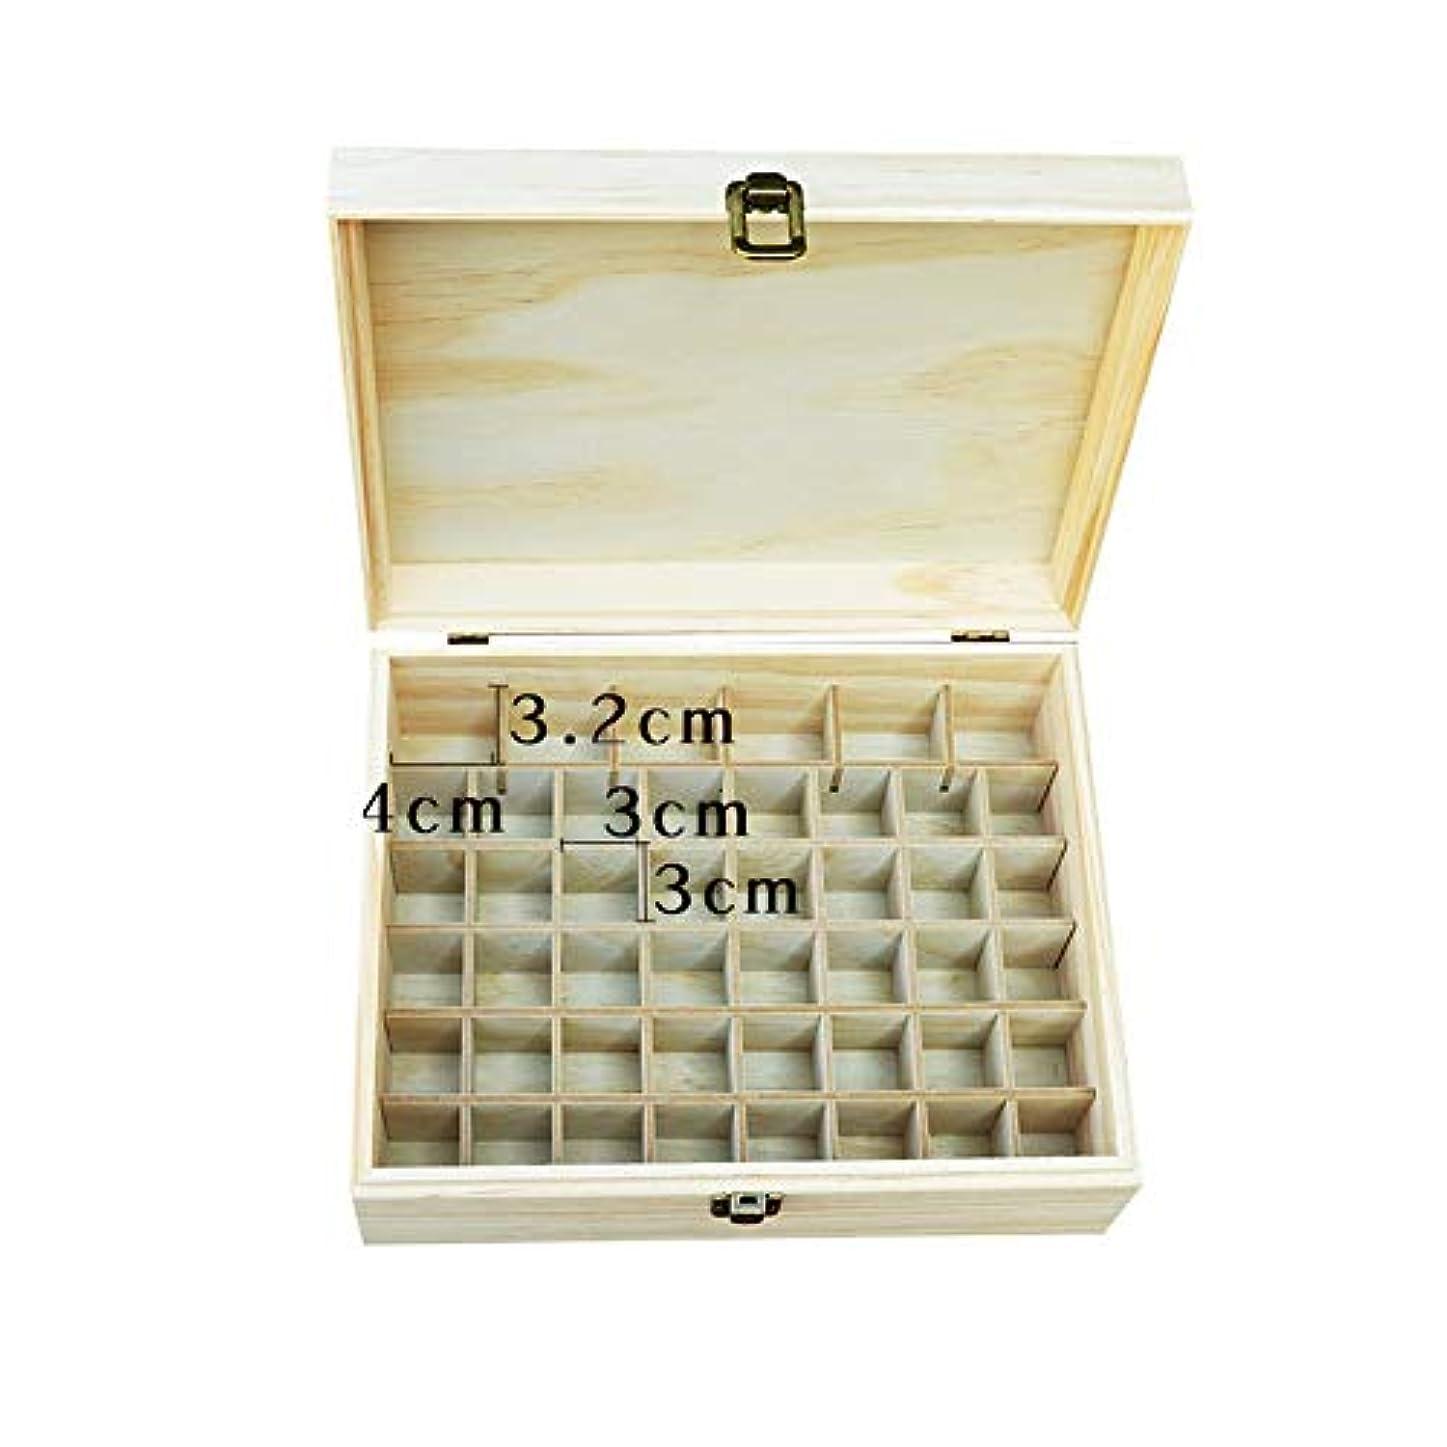 印をつける危険なのりエッセンシャルオイル収納ボックス 大46ボトル木製のエッセンシャルオイルストレージボックス (色 : Natural, サイズ : 22.2X10.2X8.2CM)